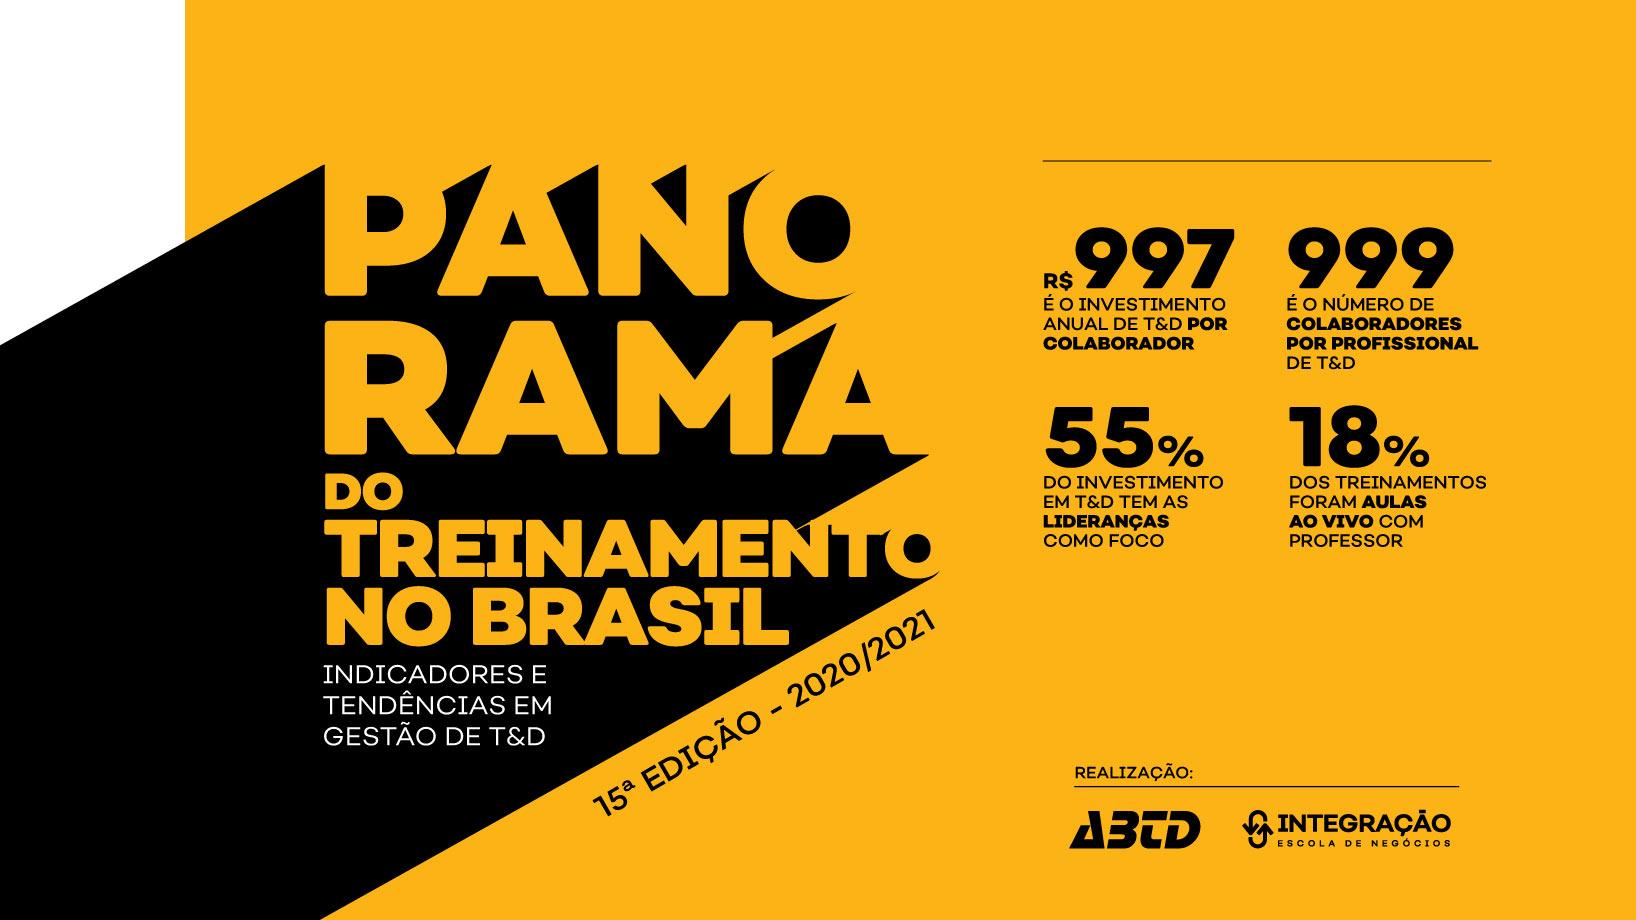 Pesquisa Panorama do Treinamento no Brasil 2020/2021